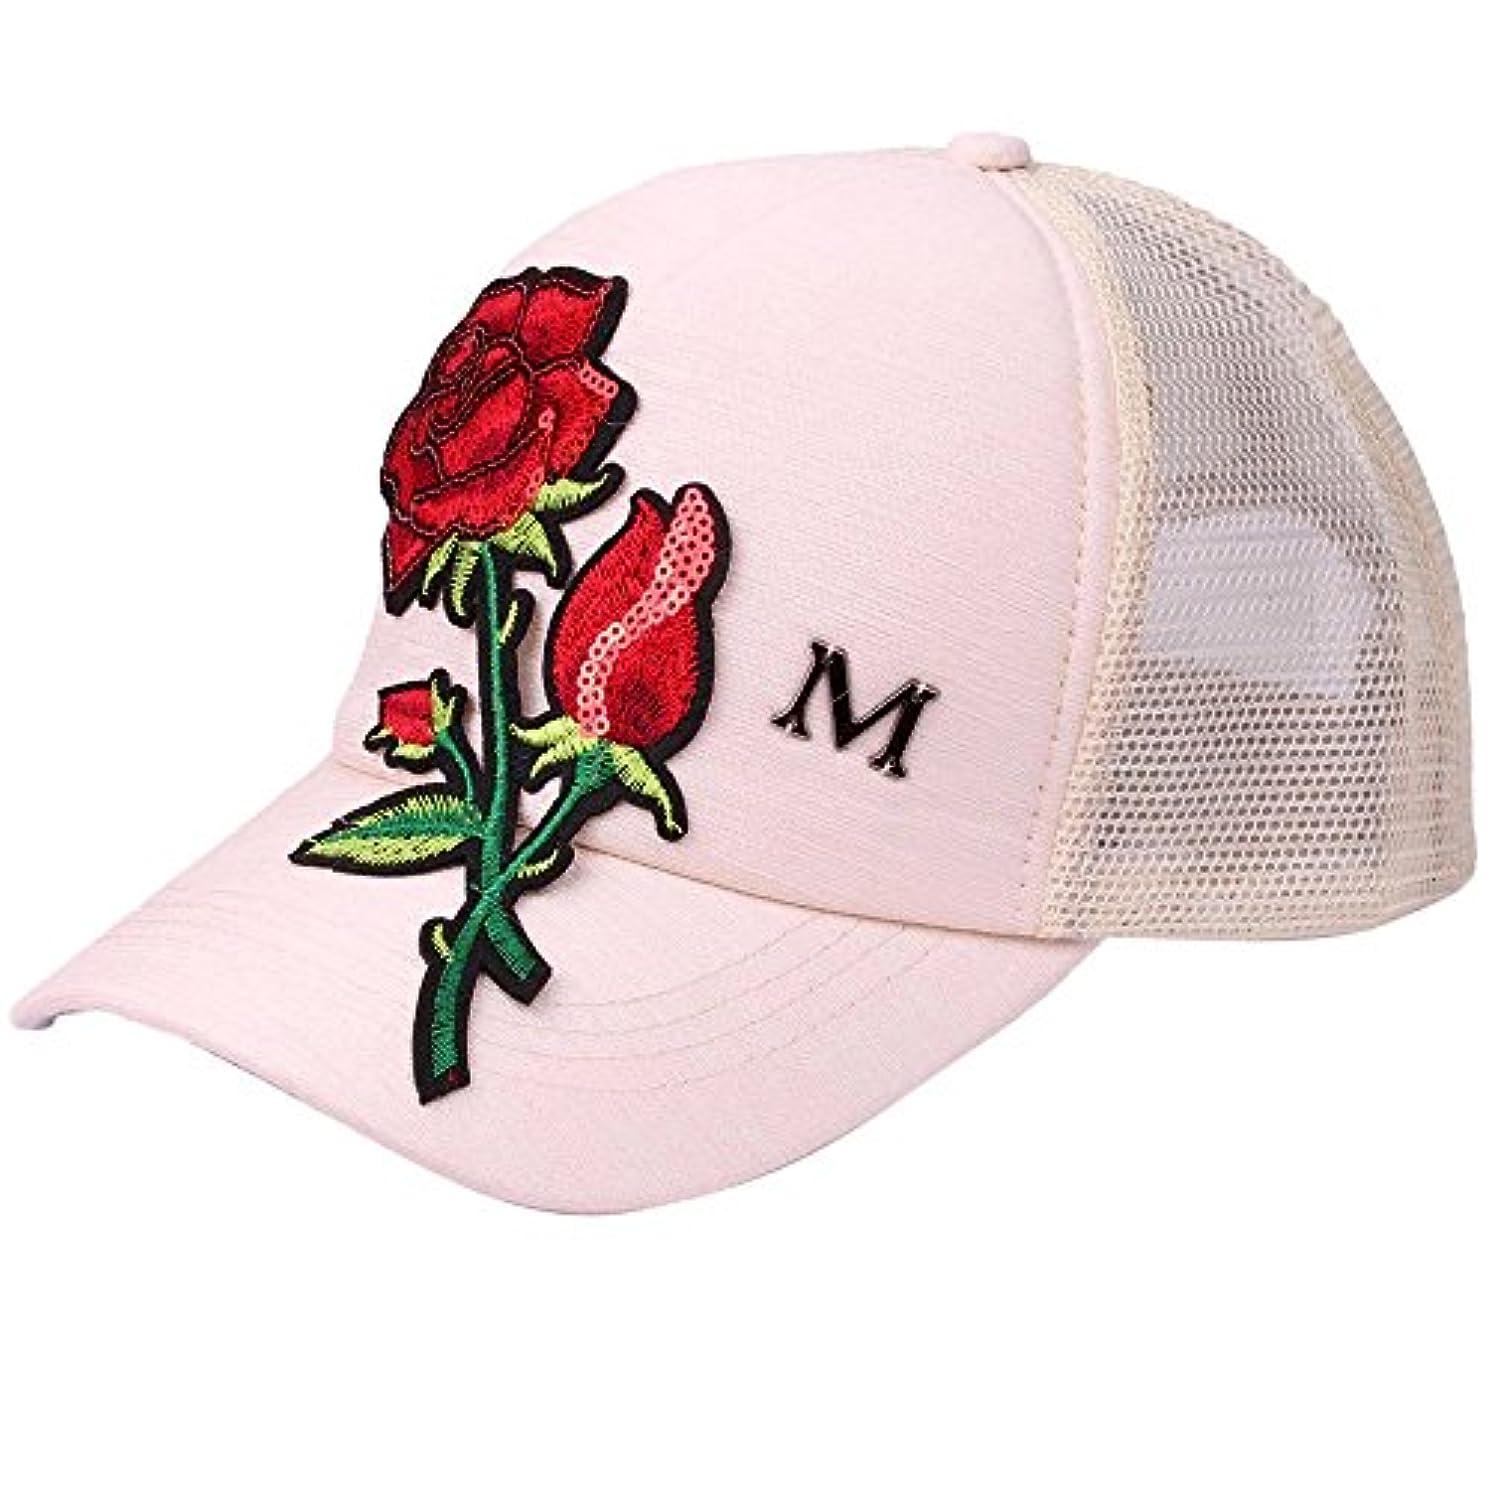 機動サイクル社会科Racazing Cap ローズ 刺繍 ヒップホップ 野球帽 通気性のある 帽子 夏 登山 メッシュ 可調整可能 棒球帽 UV 帽子 軽量 屋外 Unisex Hat (ベージュ)